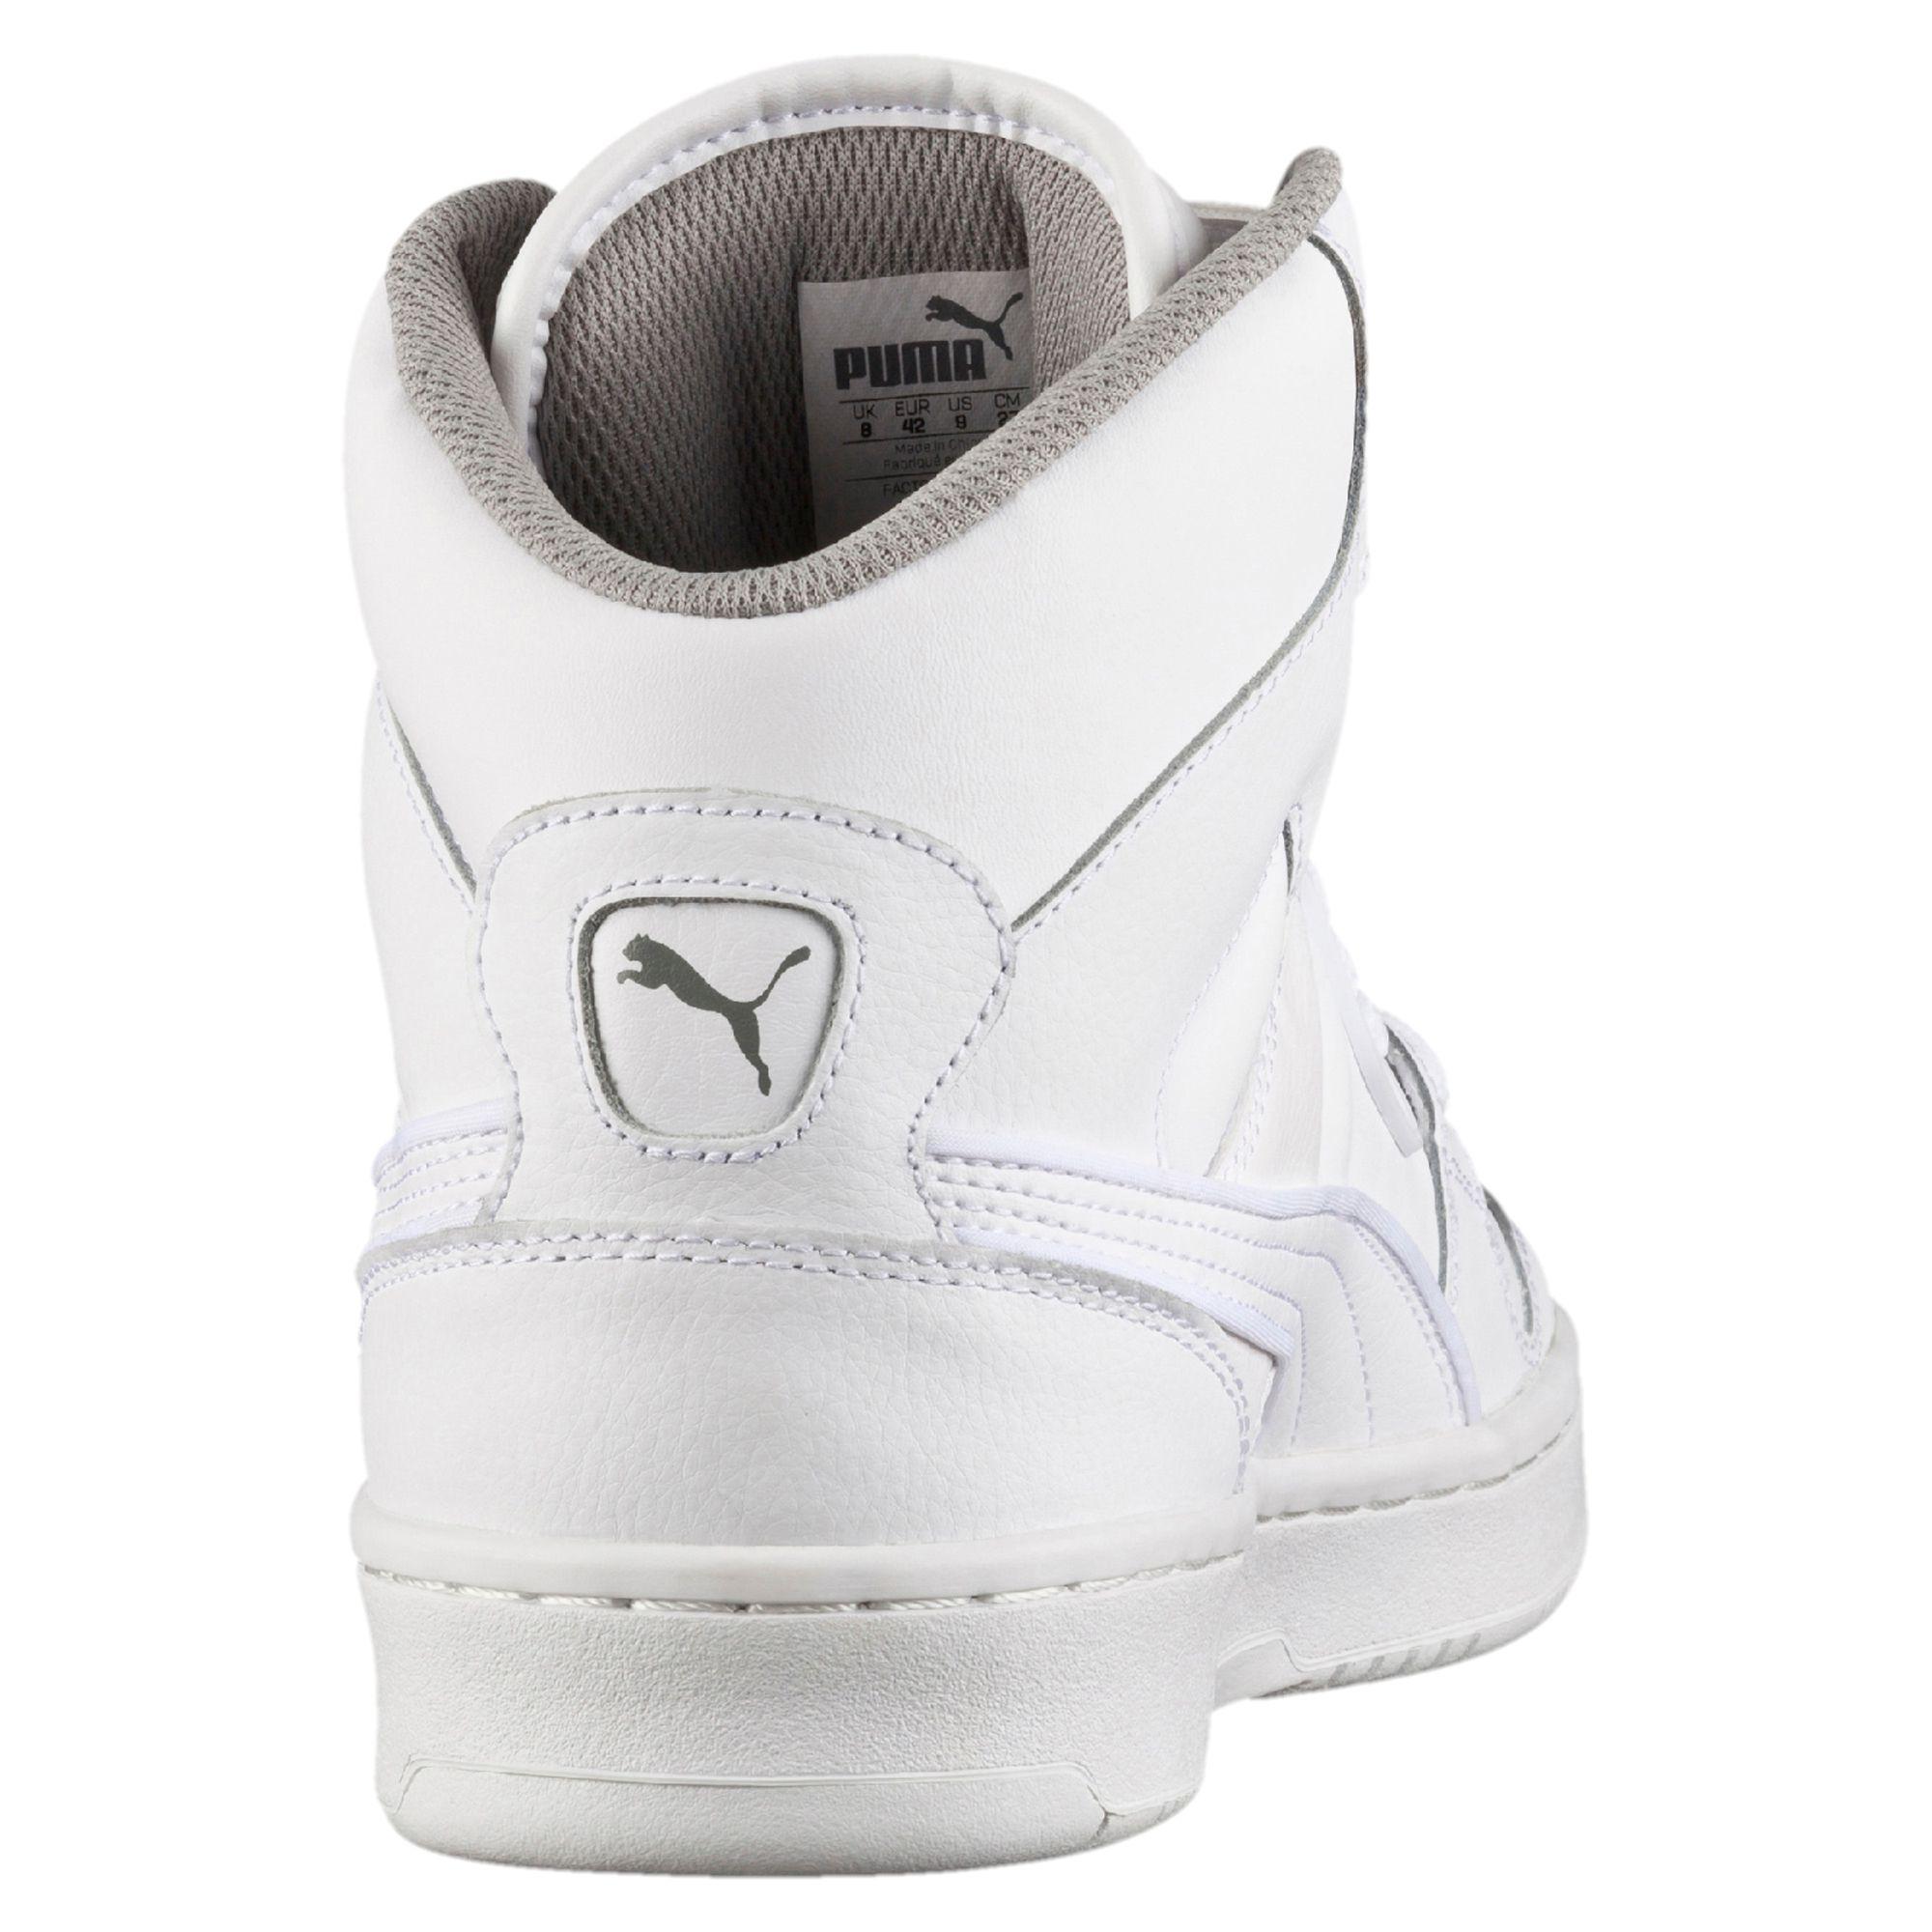 a8d21d7bad1e PUMA PUMA Rebound Street L Footwear Sneakers Basics Unisex New